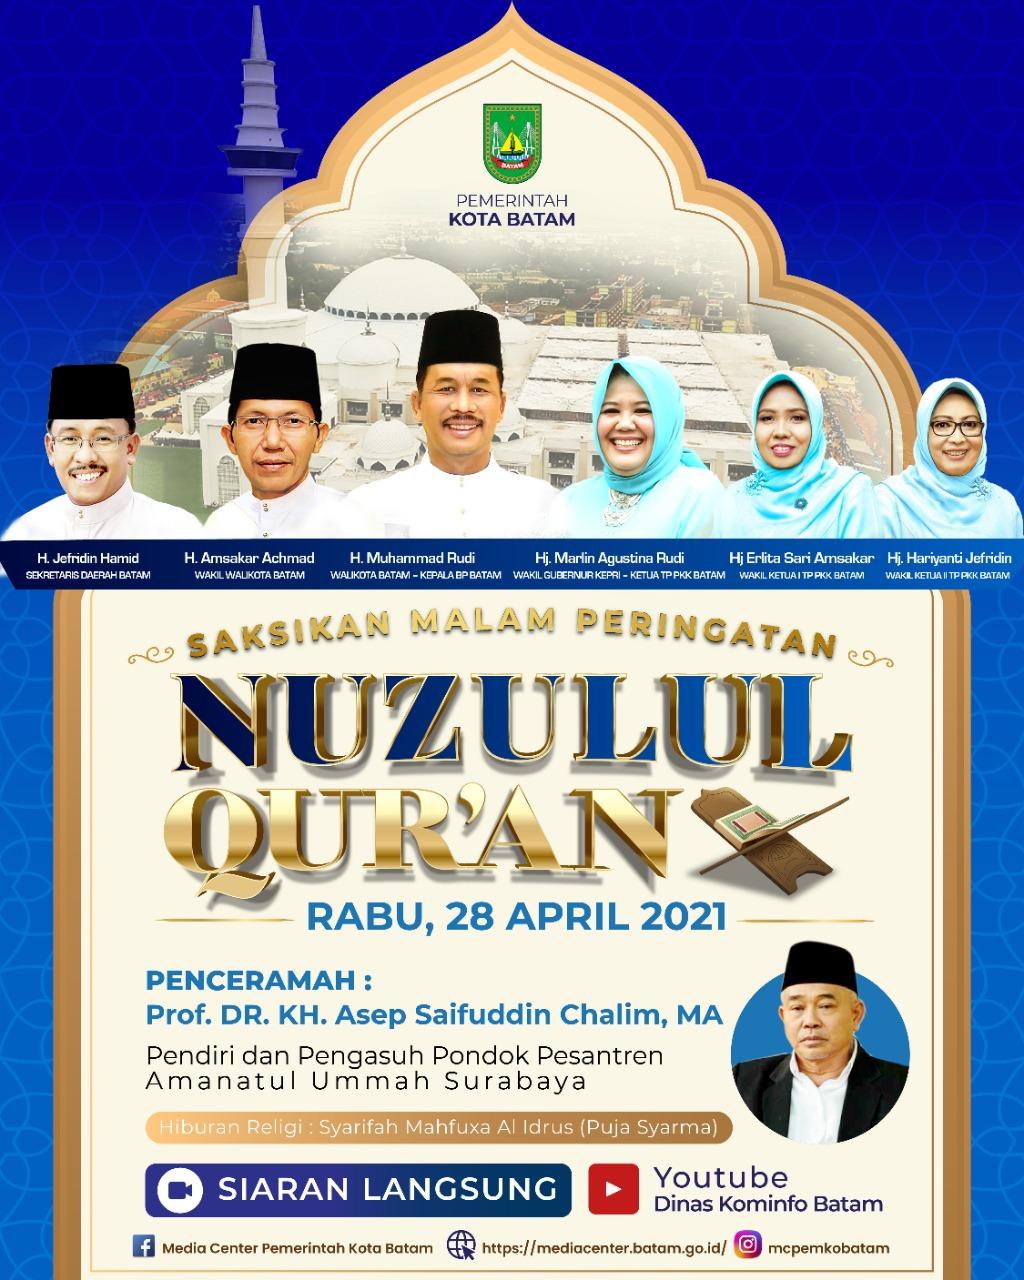 Peringatan Nuzulul Qur'an 1442 Hijriah Tingkat Kota Batam Dapat Diakses Melalui Akun YouTube Dinas Kominfo Batam